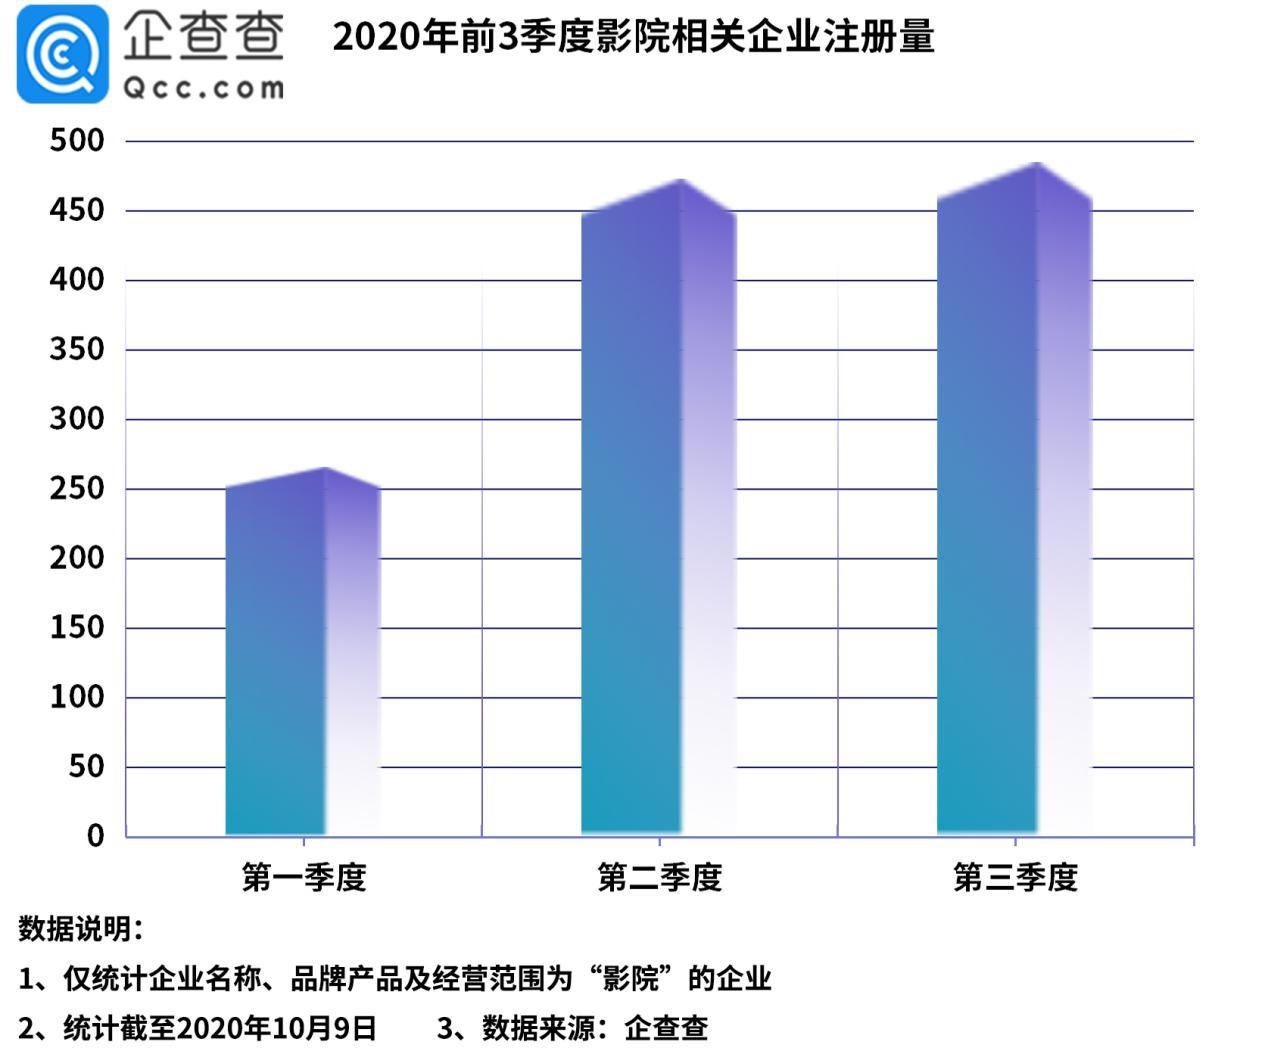 中国电影票房成全球第一 影院相关企业三季度新增485家图片